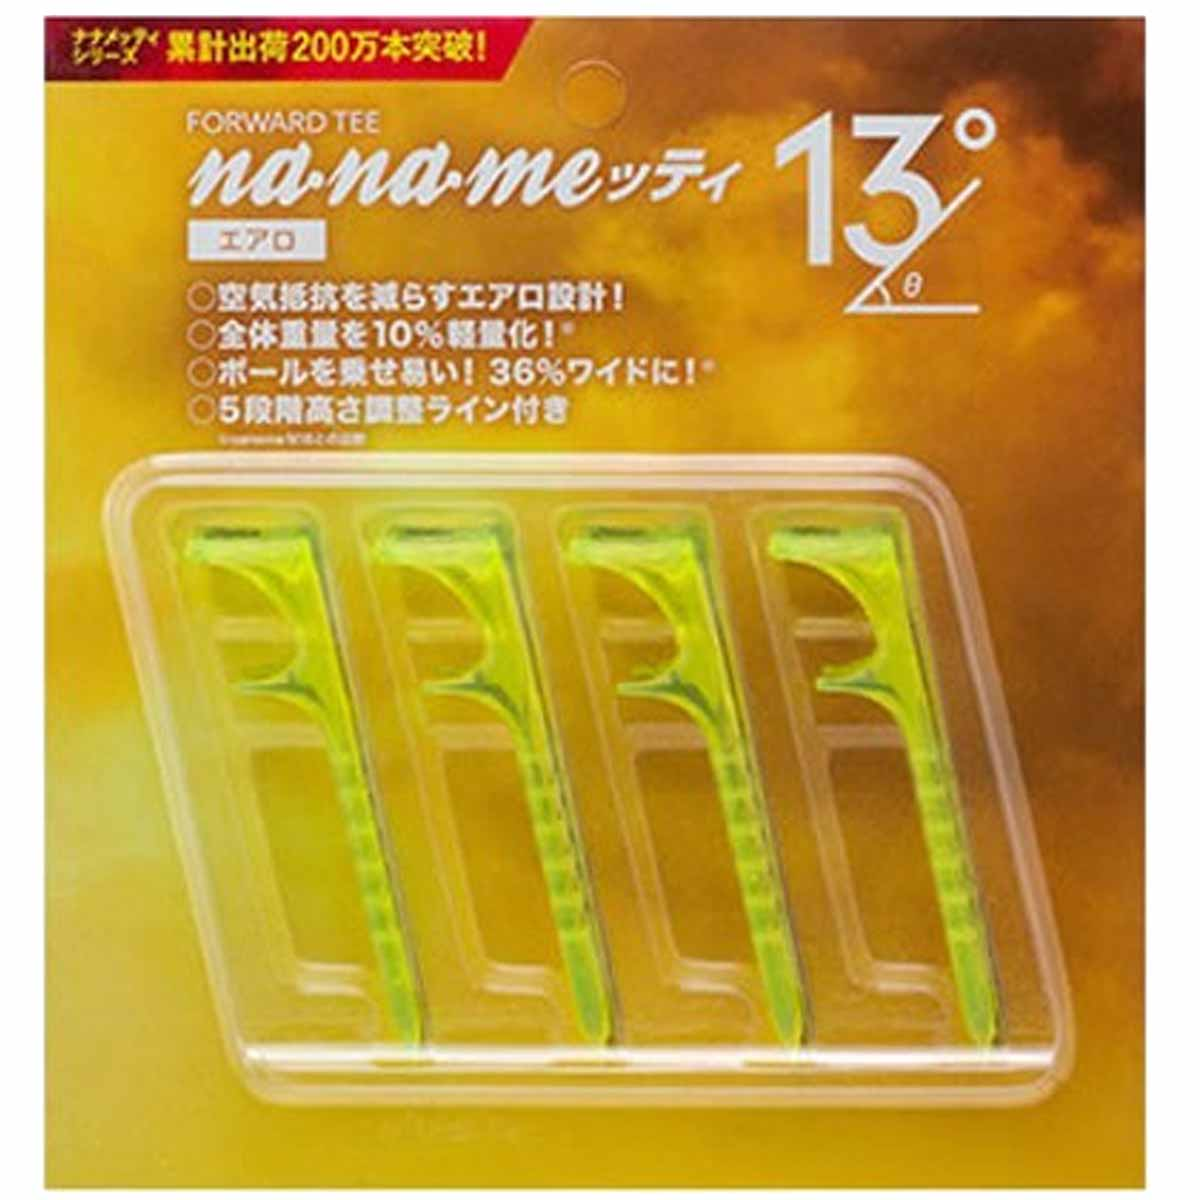 nanameッティエアロ13°